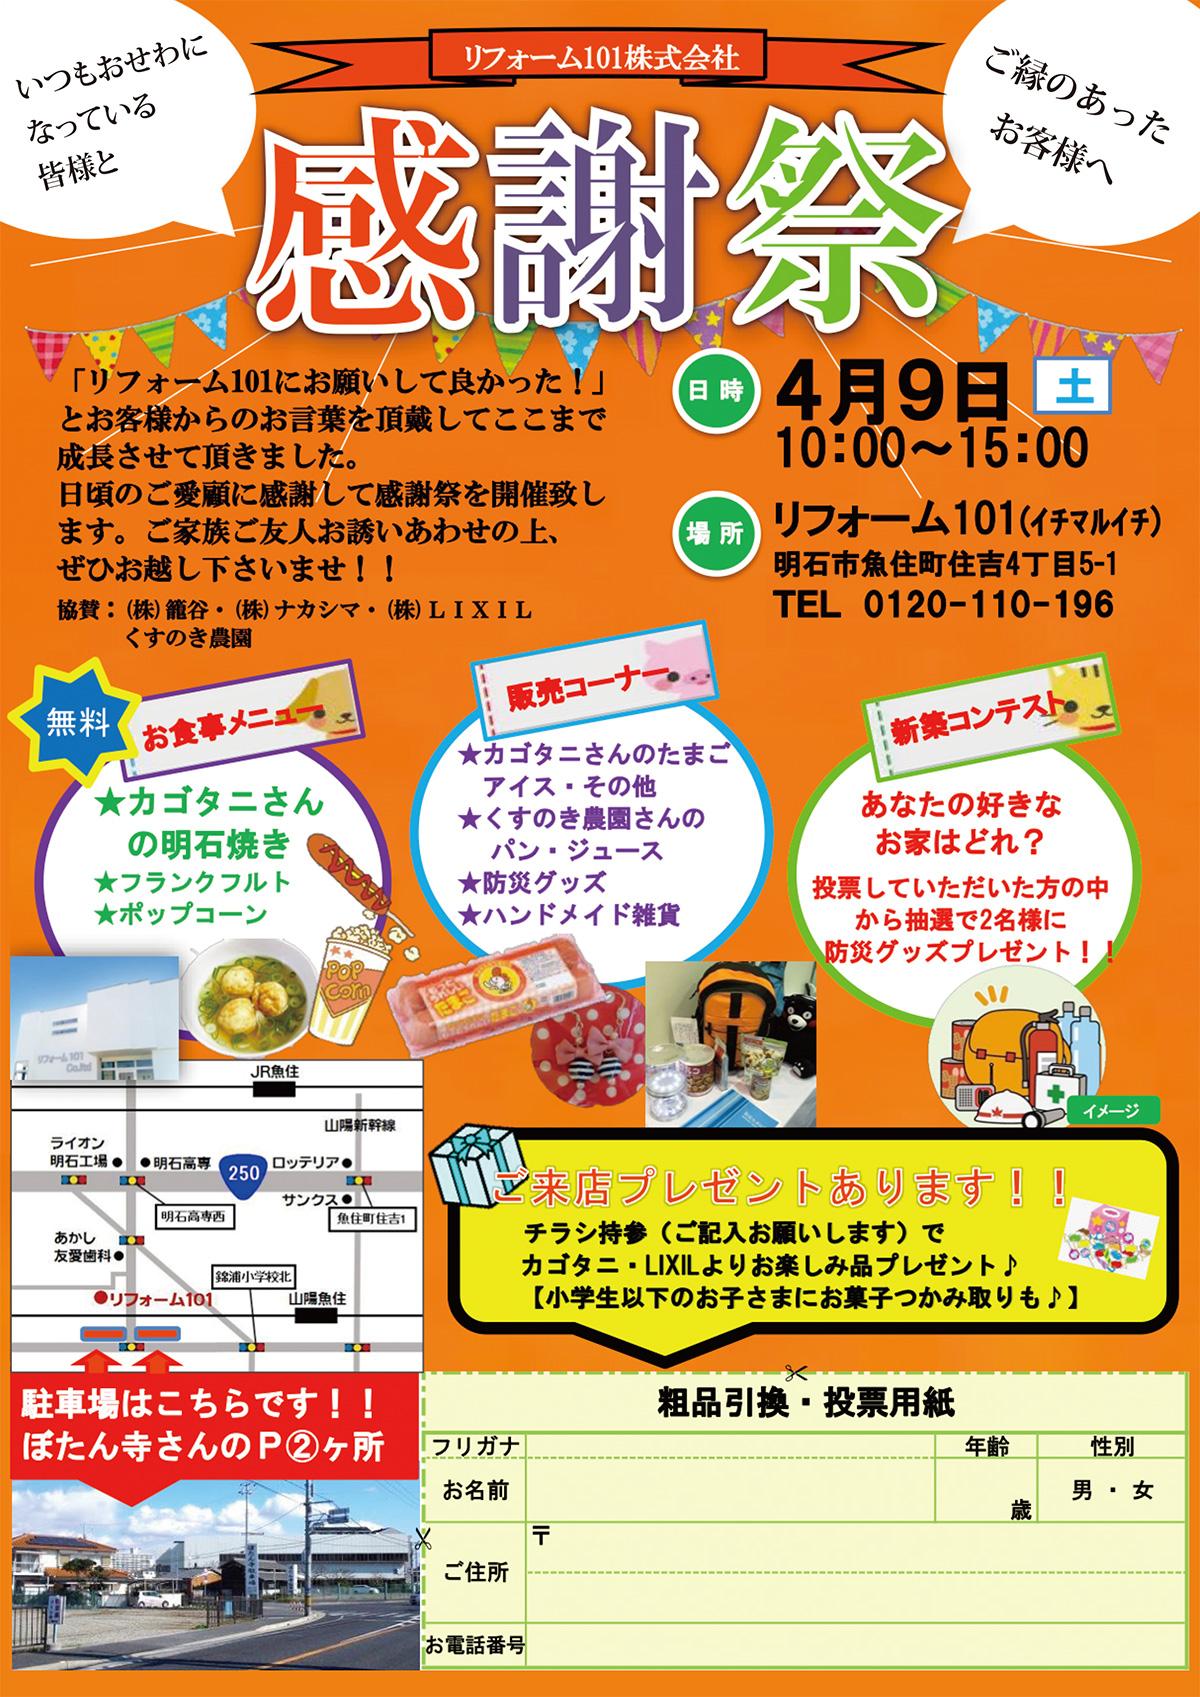 4月9日(土)「感謝祭」を開催いたします!